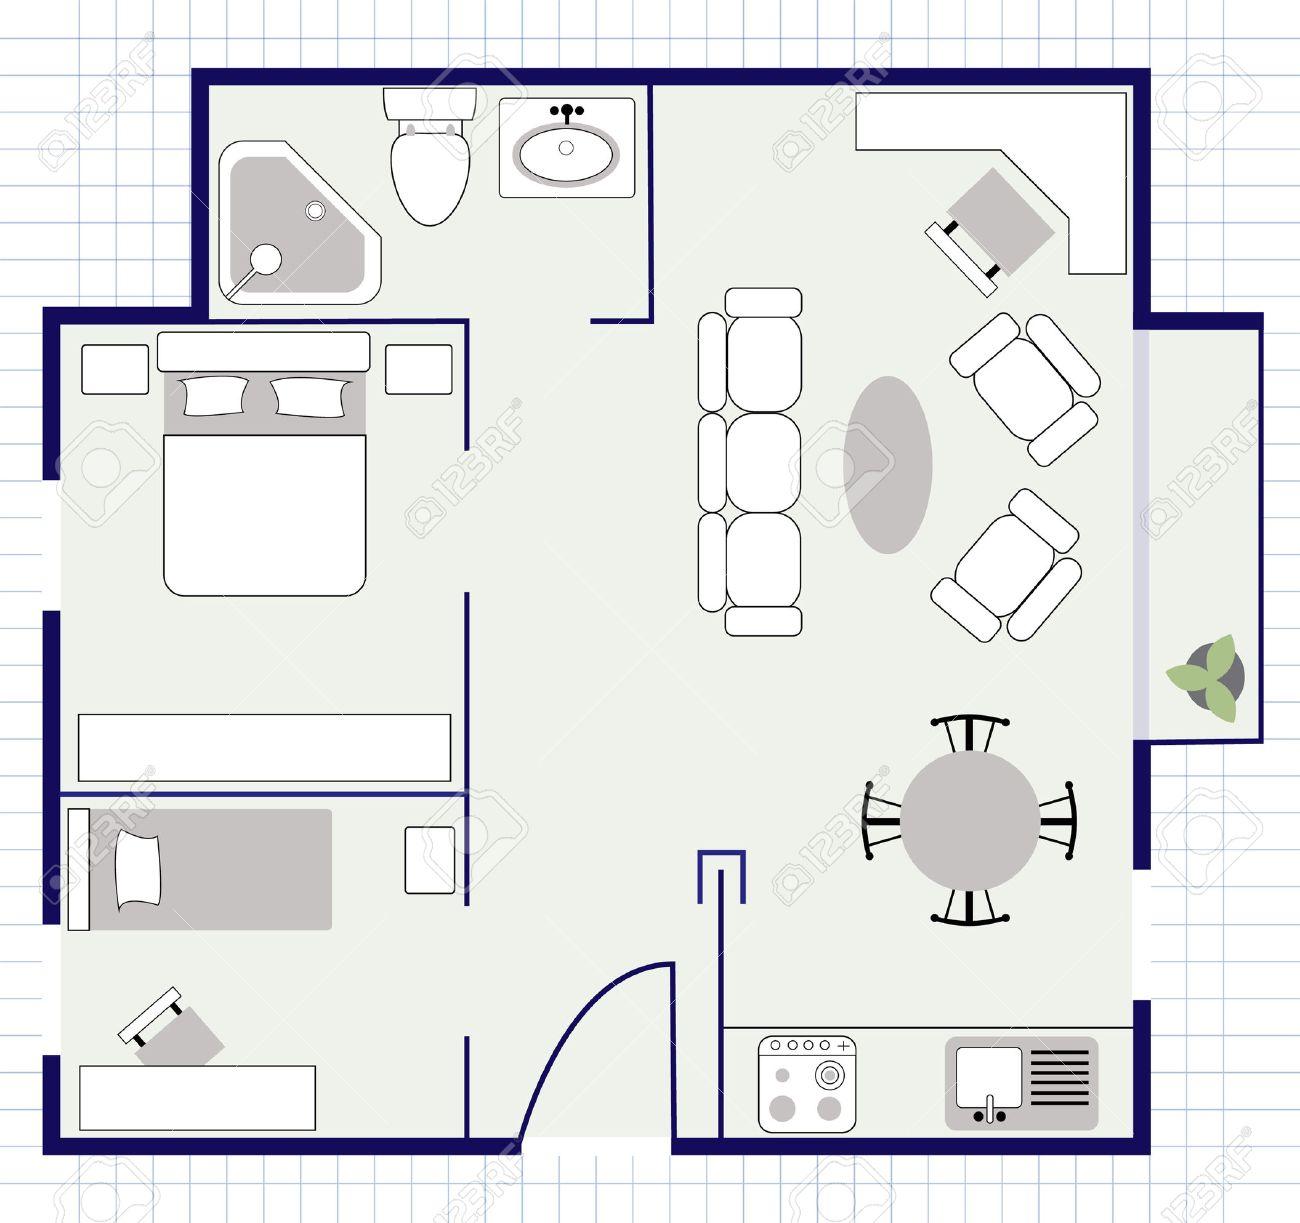 floor plan with furniture. Floor Plan With Furniture Stock Vector - 26161164 O